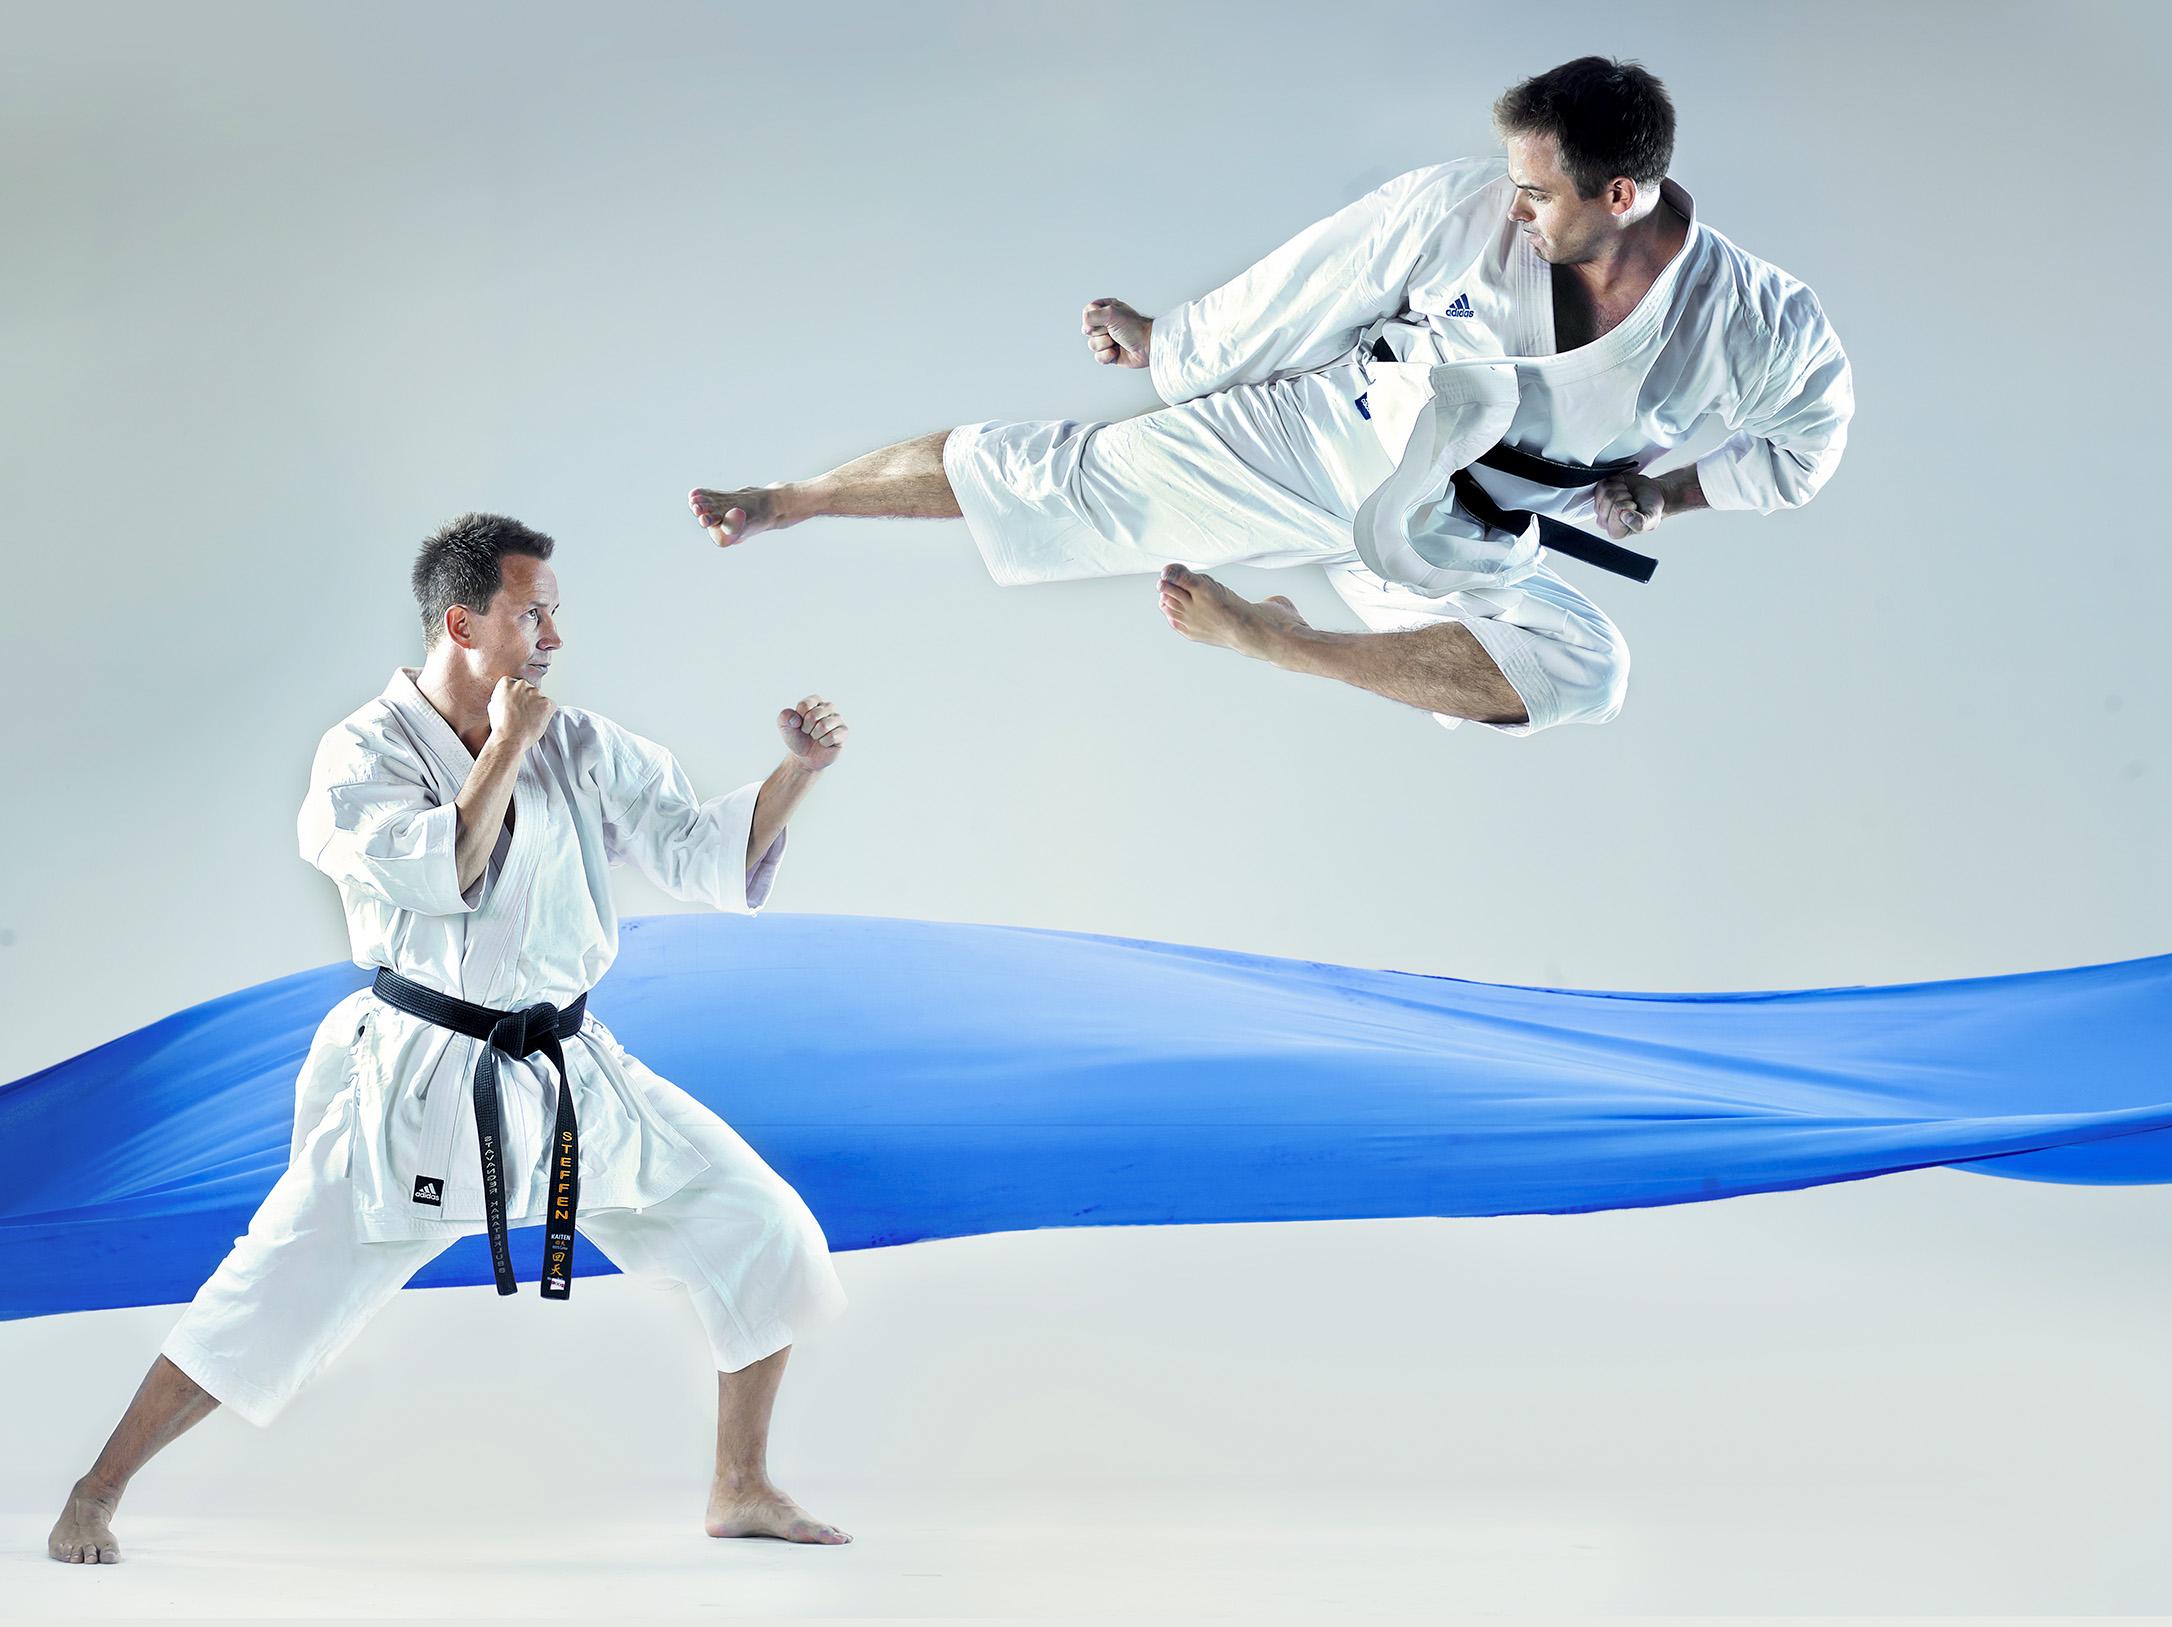 To karateutøvere i kamp